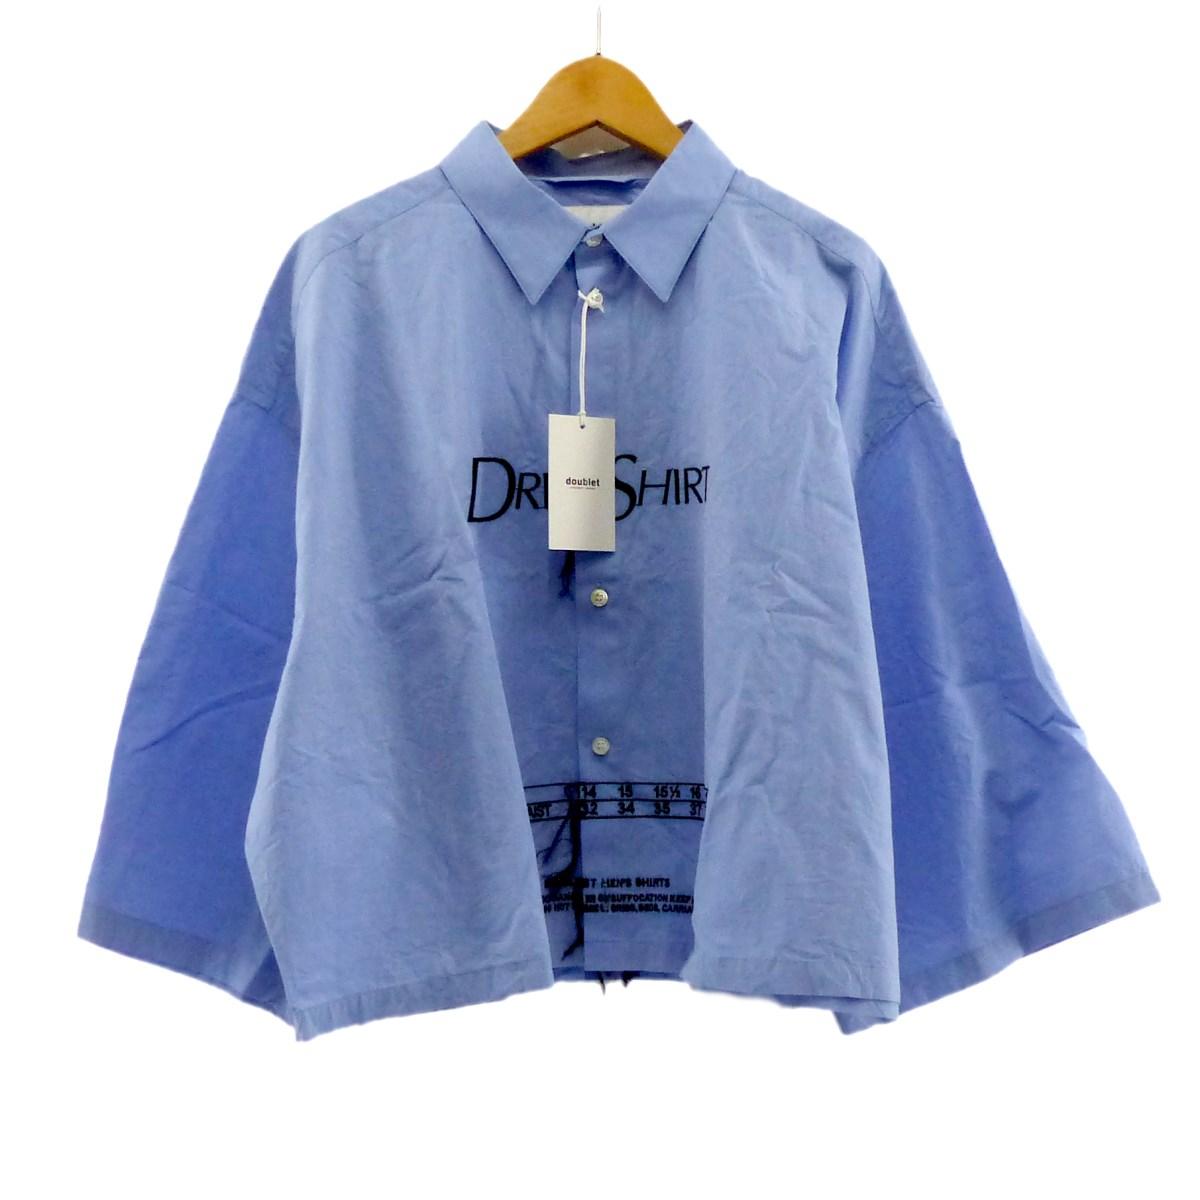 【中古】Doublet 2018SS EMBROIDERY DRESS SHIRT クロップドシャツ ブルー サイズ:M 【220420】(ダブレット)